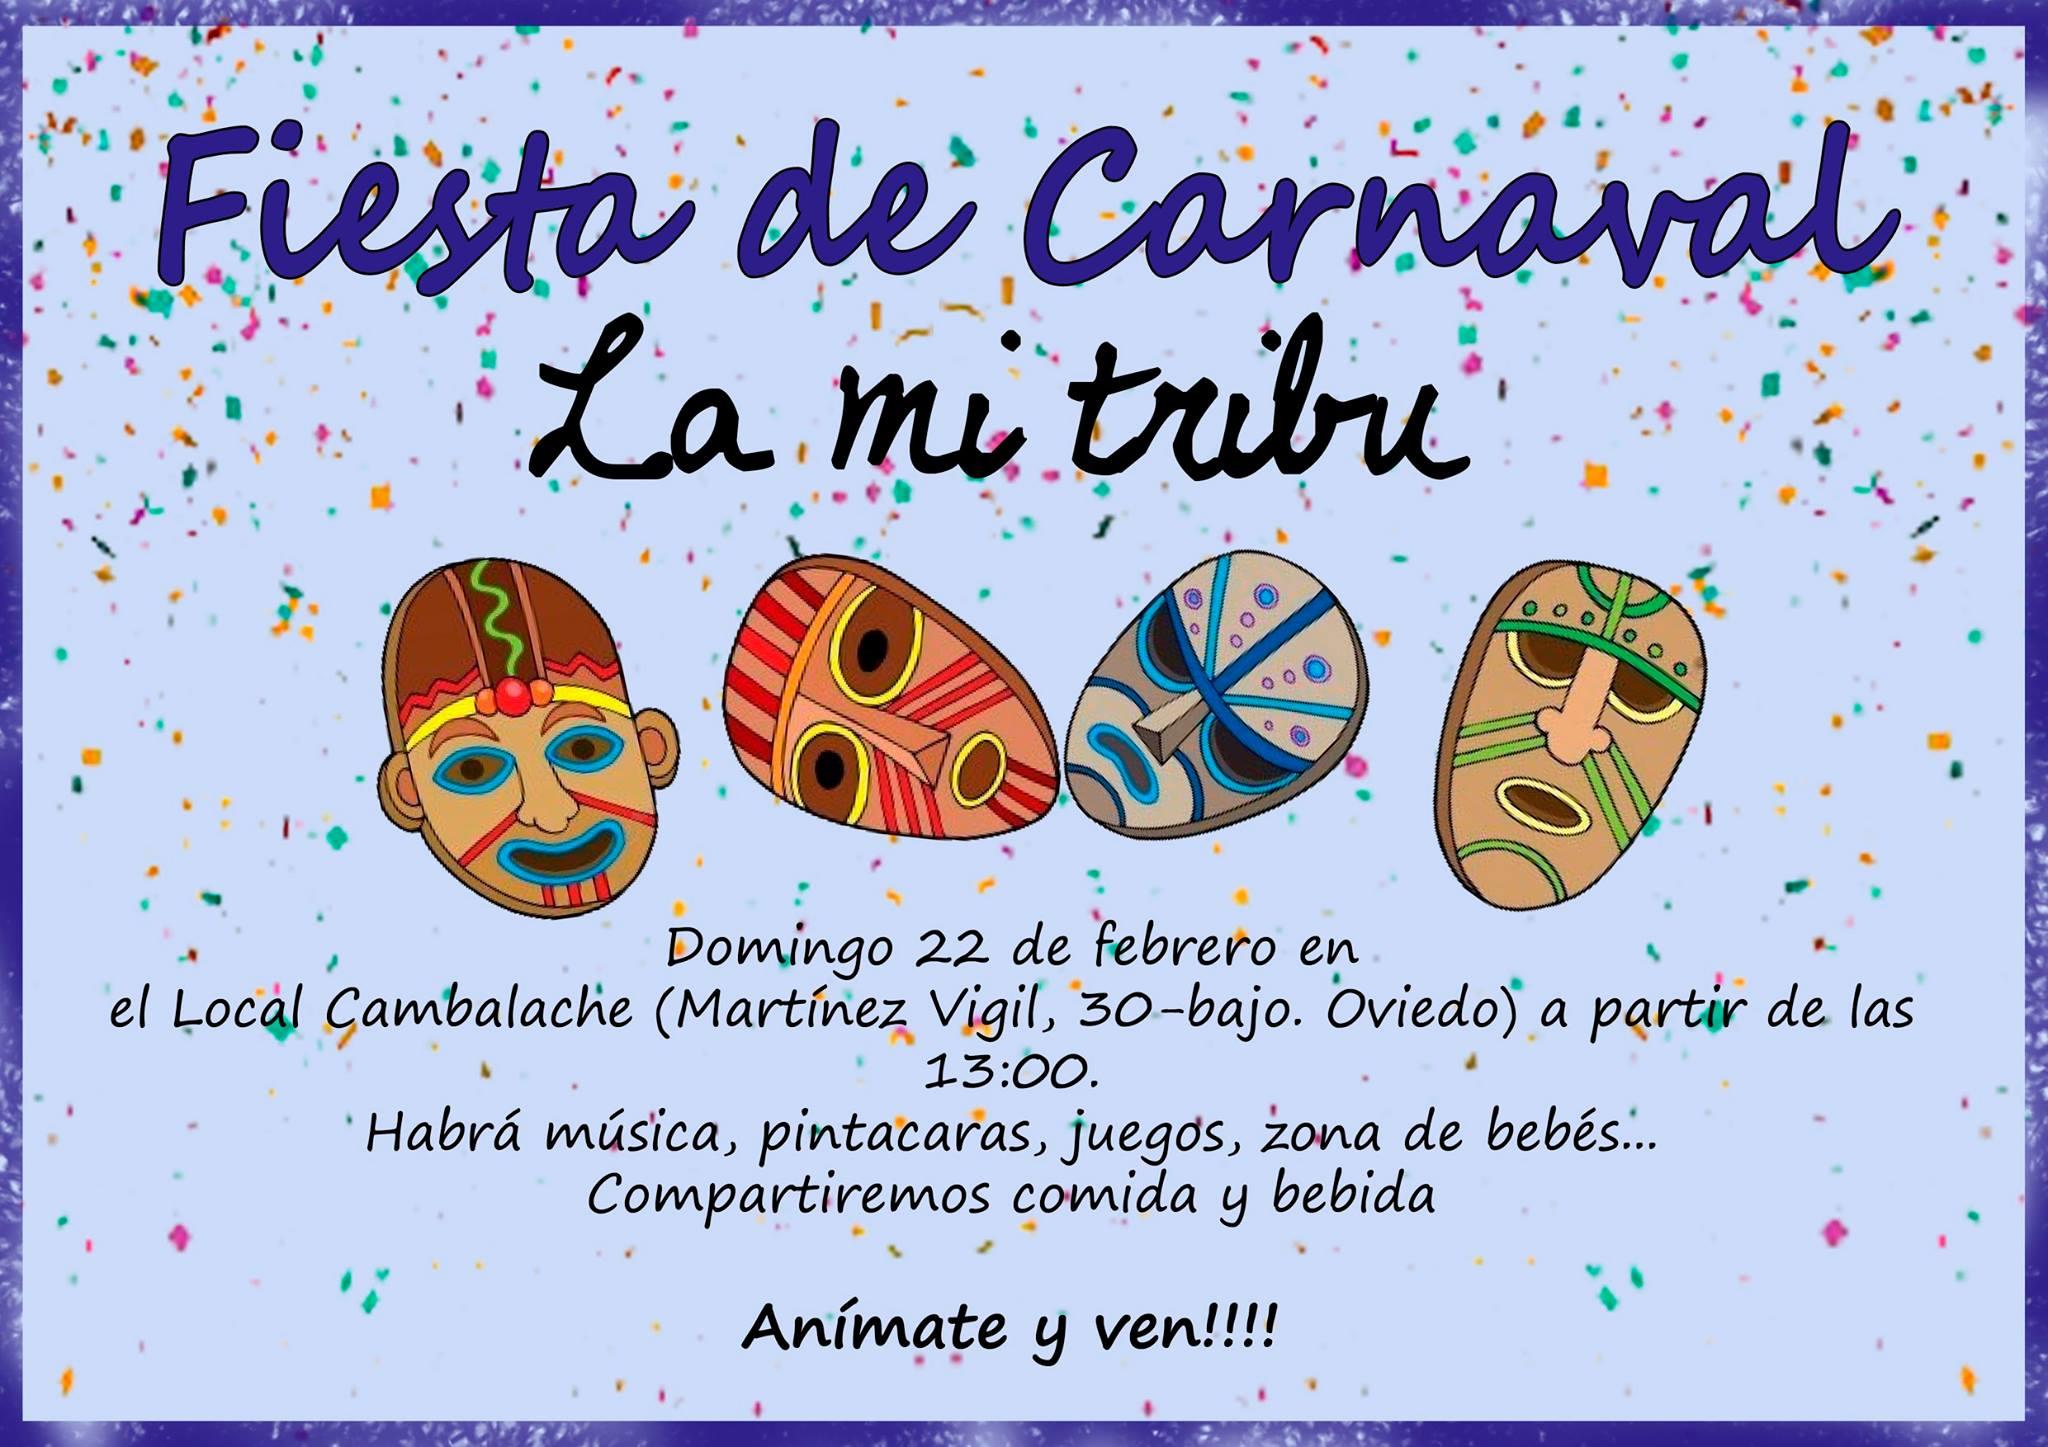 carnaval_lamitribu